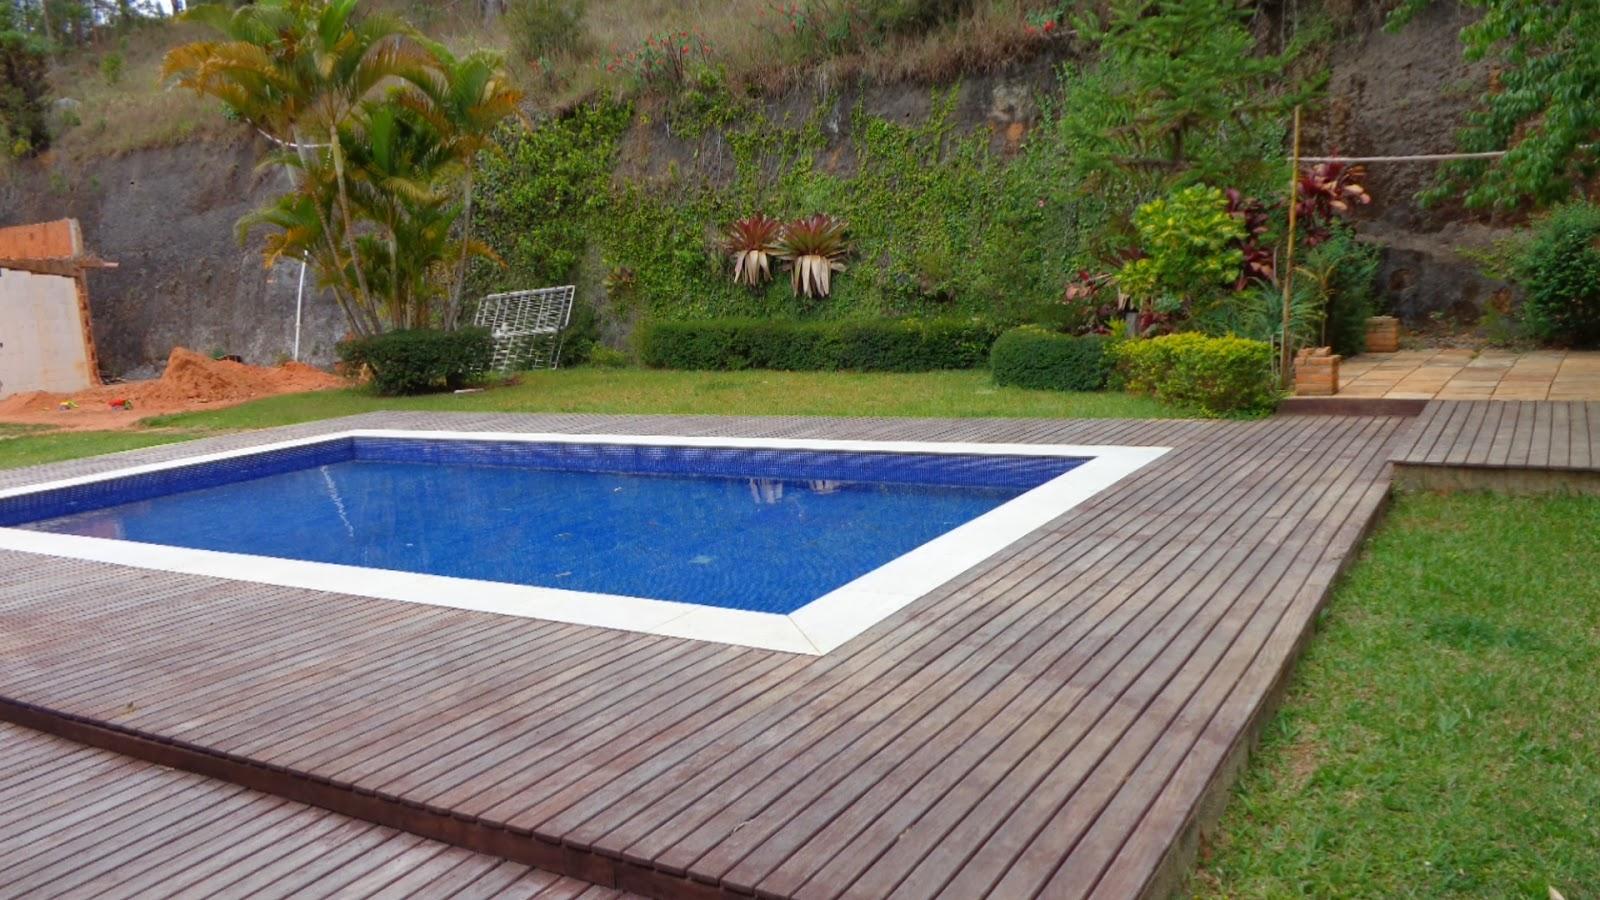 Imagens de #265BA5 Imóveis à venda Petrópolis: SITIO PETRÓPOLIS – POSSE BREJAL 1600x900 px 3528 Blindex Banheiro Rj